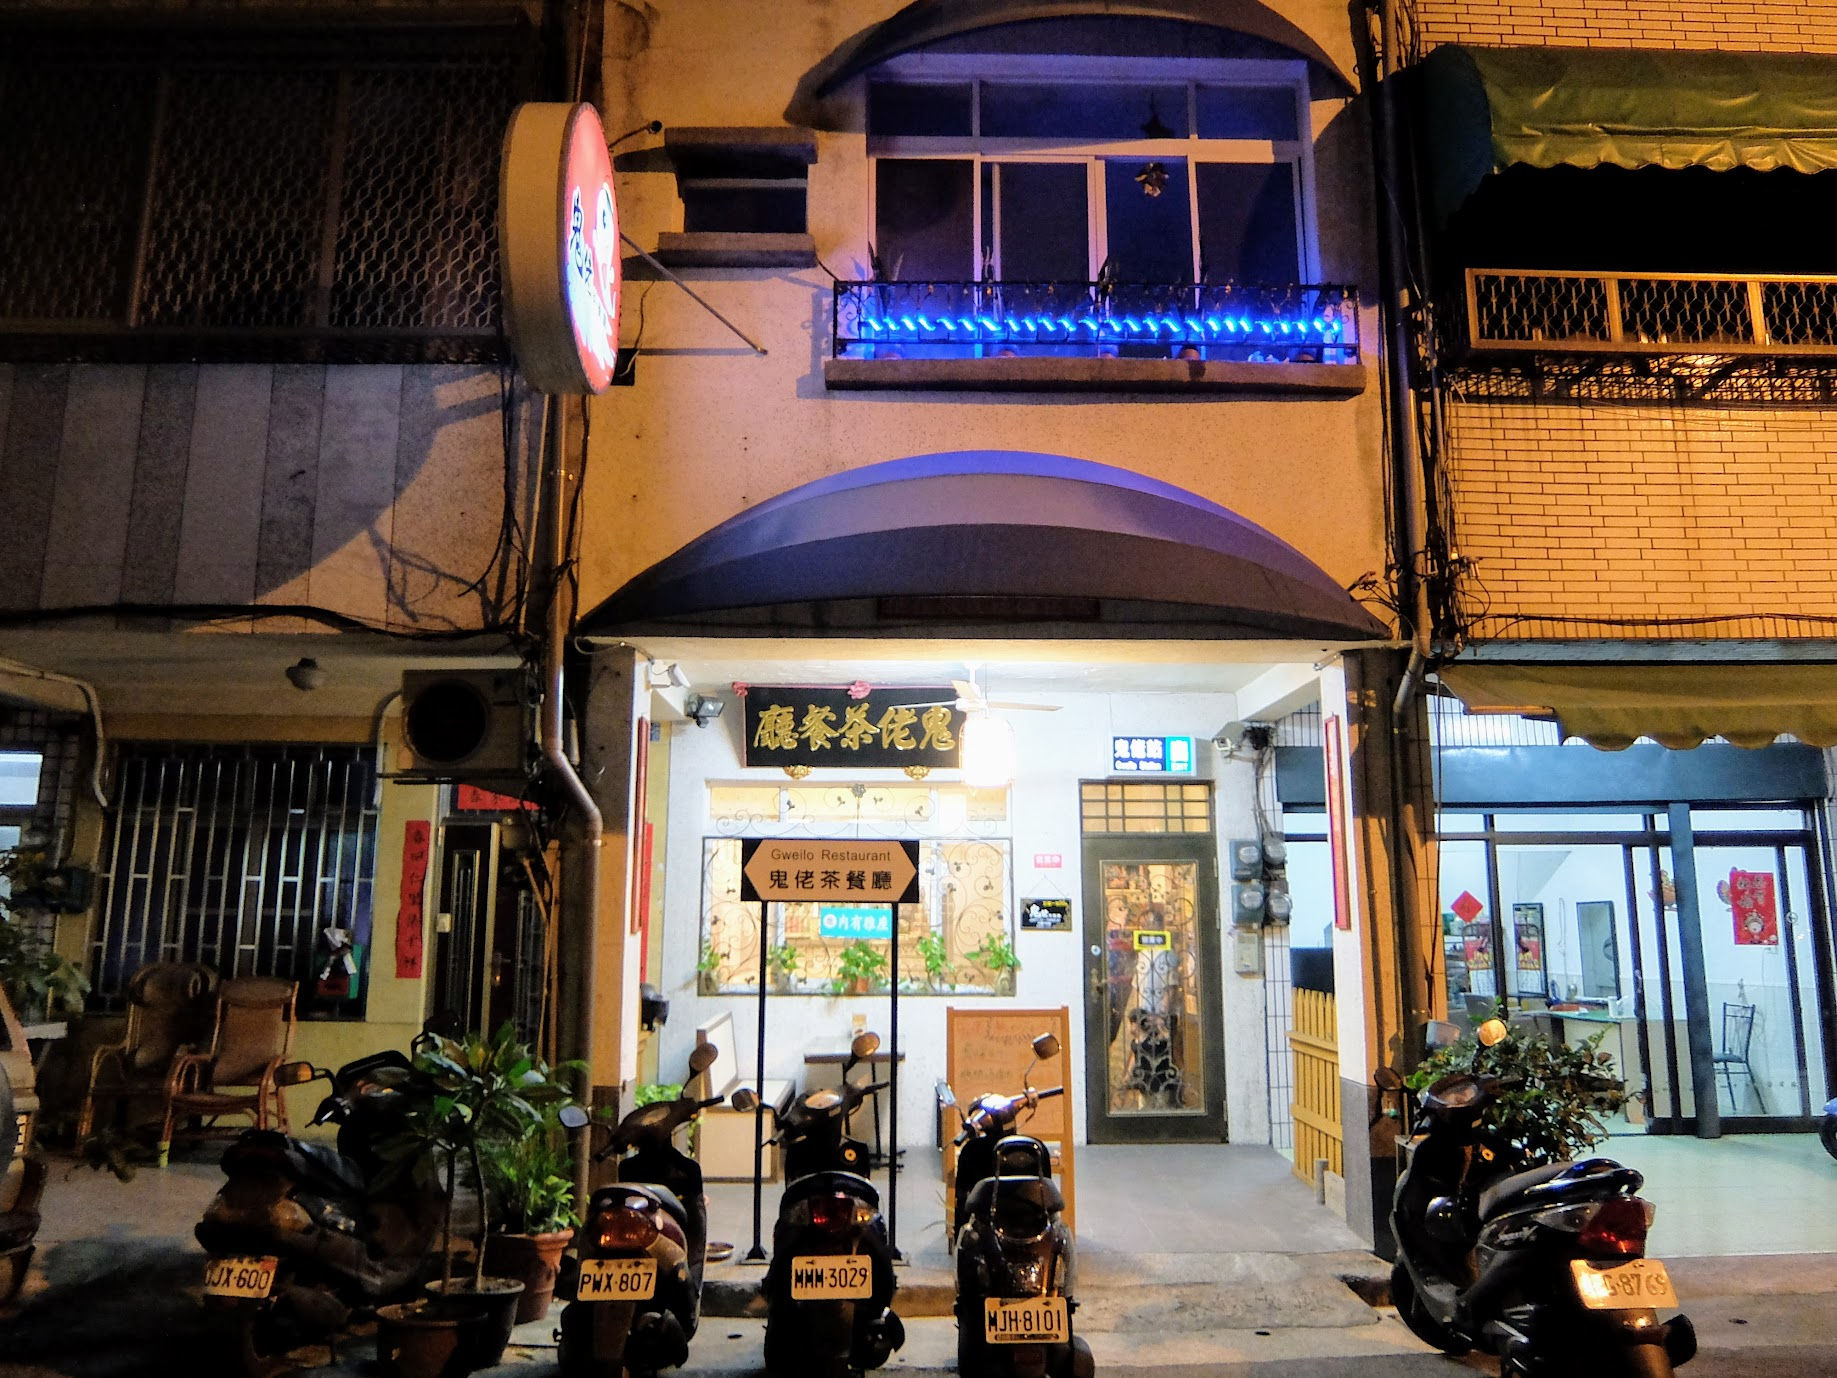 鬼佬茶餐廳 店門口,記得這是以前雪丹的店址啊XDD 總之,多了點回憶XD